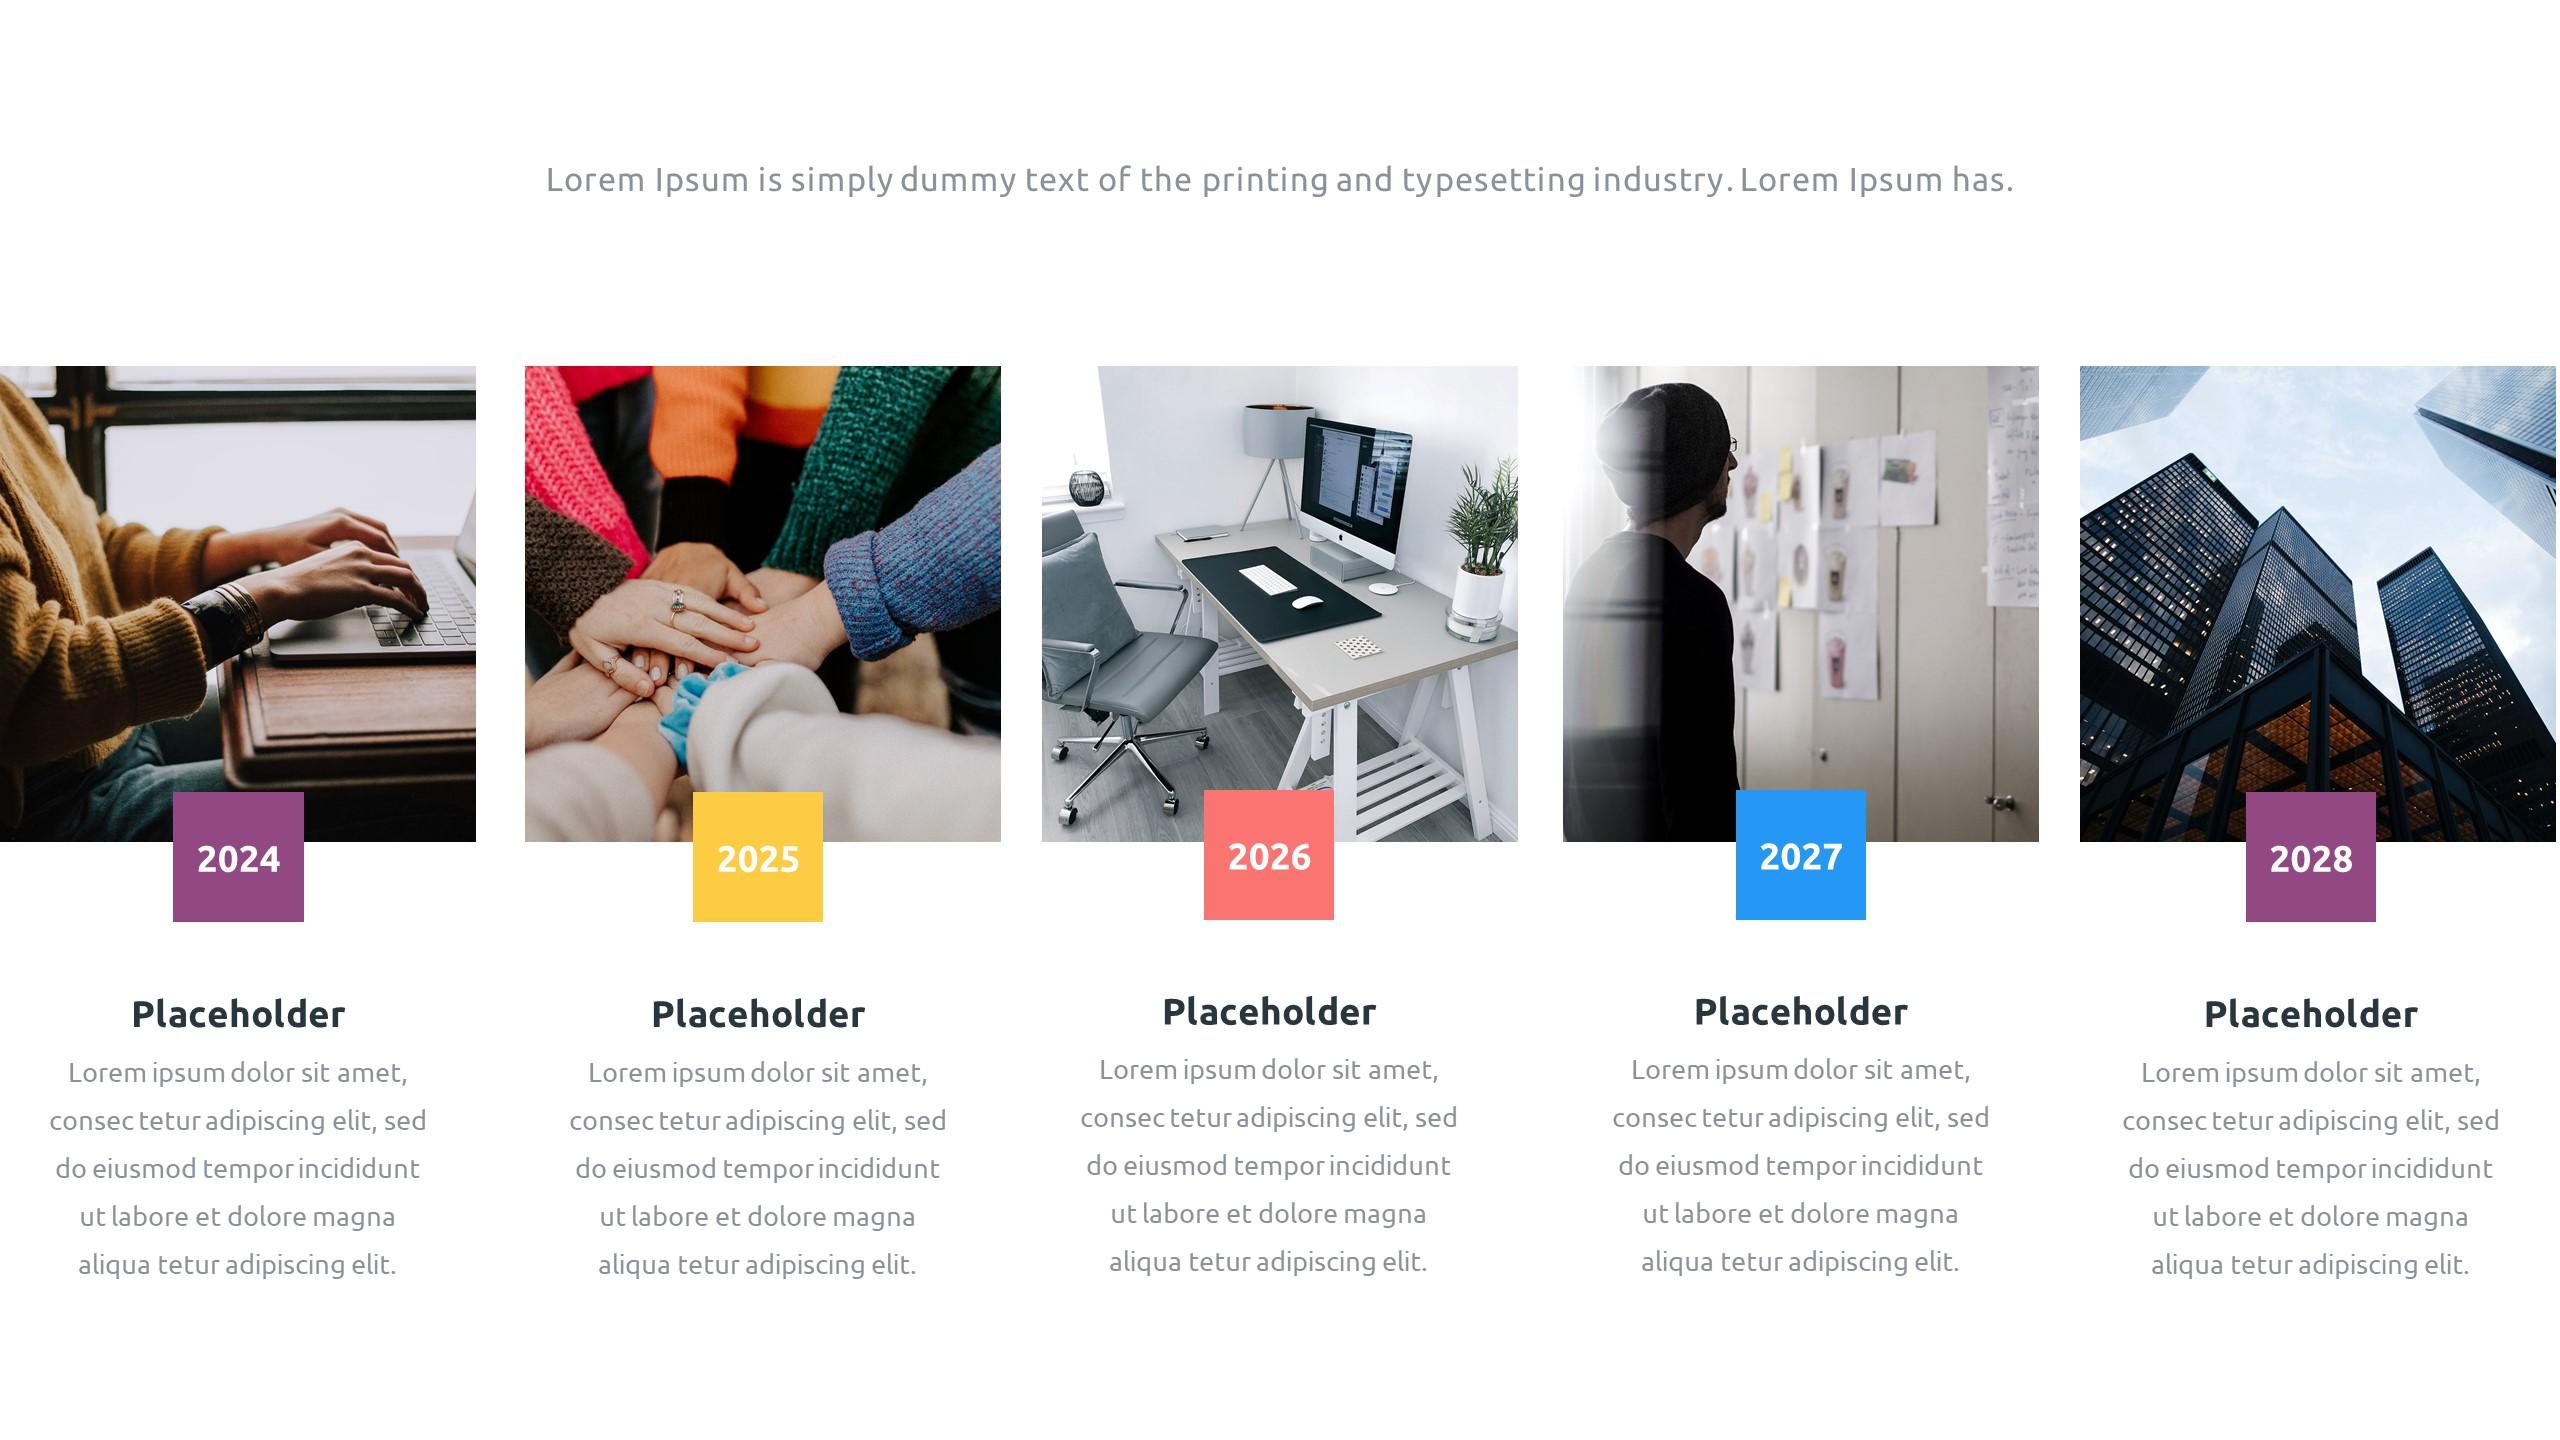 36 Timeline Presentation Templates: Powerpoint, Google Slides, Keynote - Slide9 1